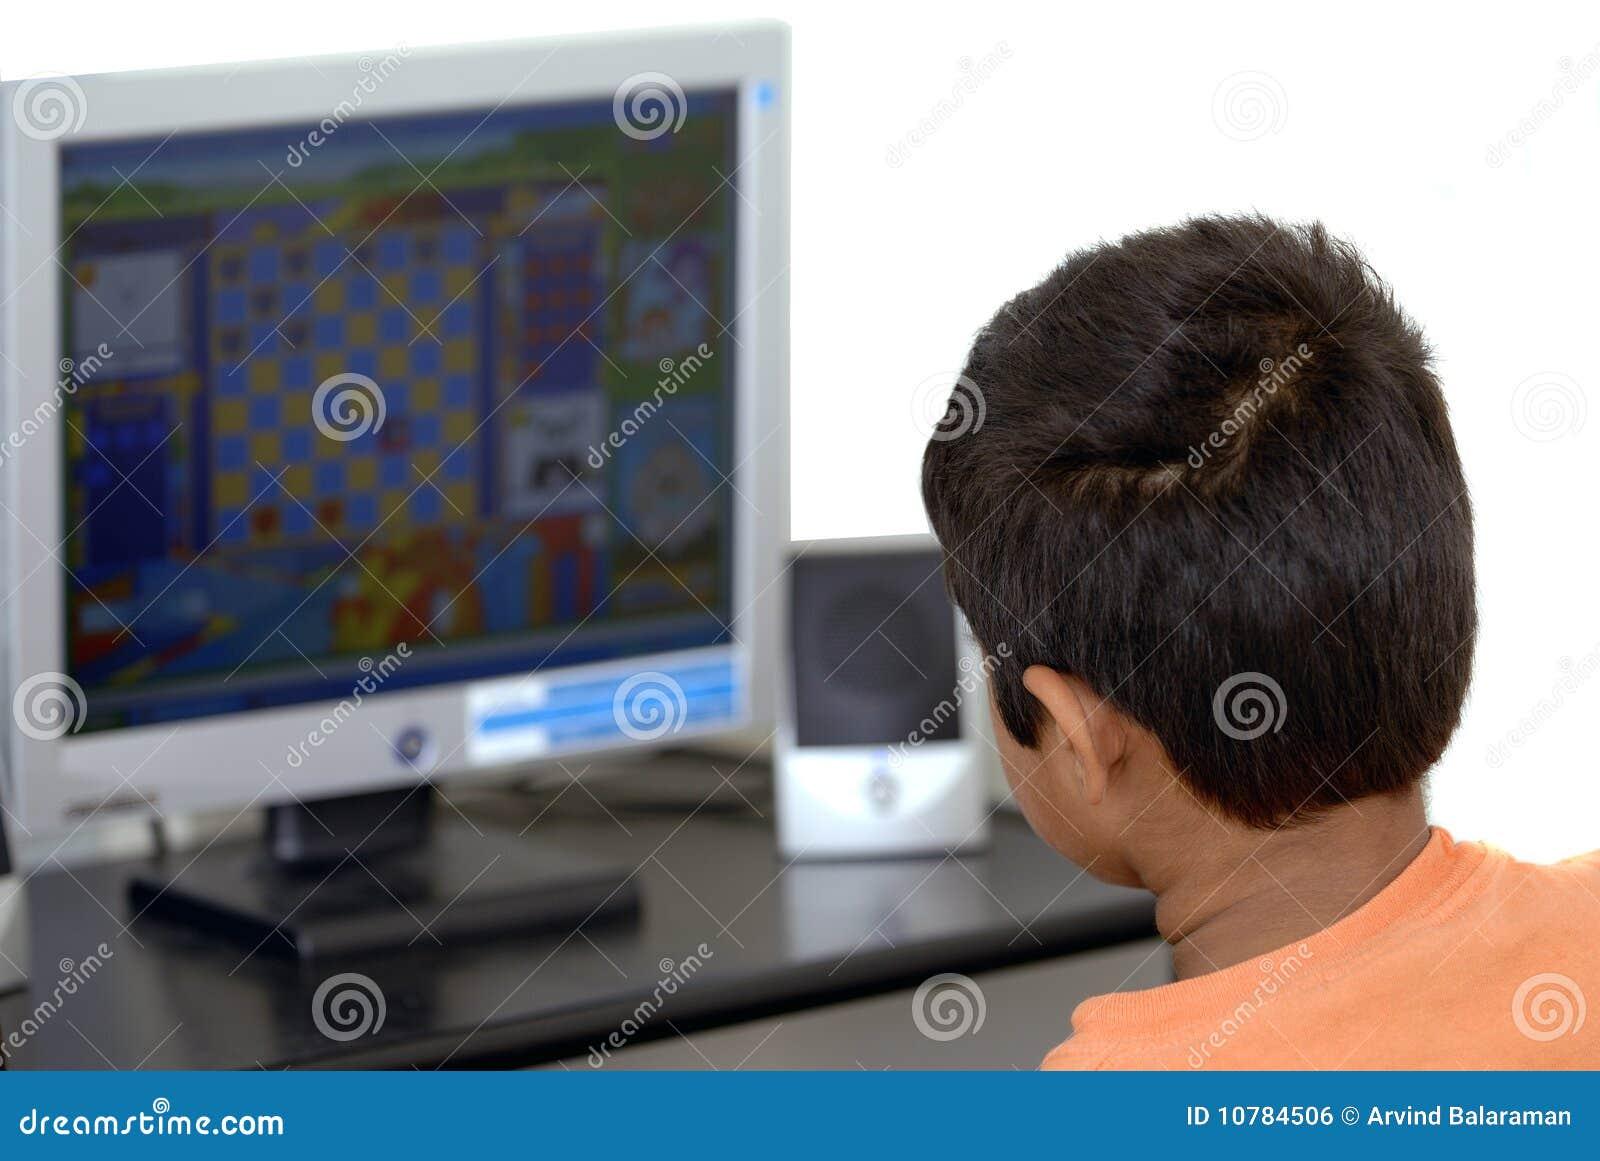 De Spelen van de computer